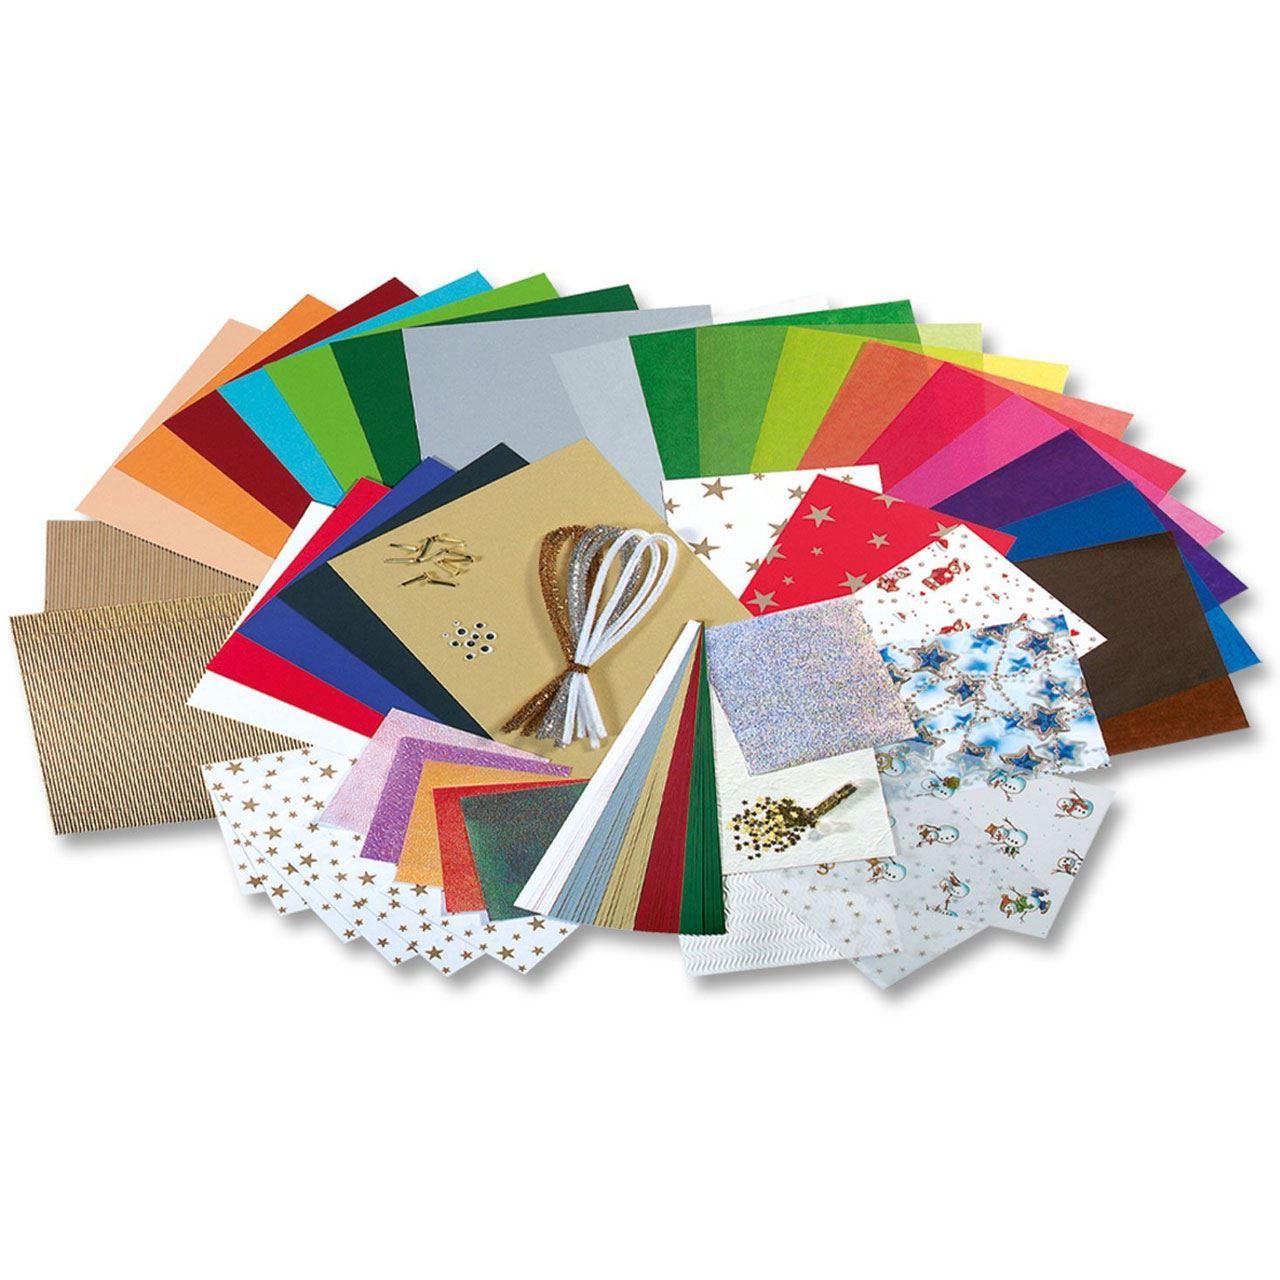 Bastelpapier Weihnachten.Folia Bastelpapier Koffer Weihnachten Ii 110 Teilig